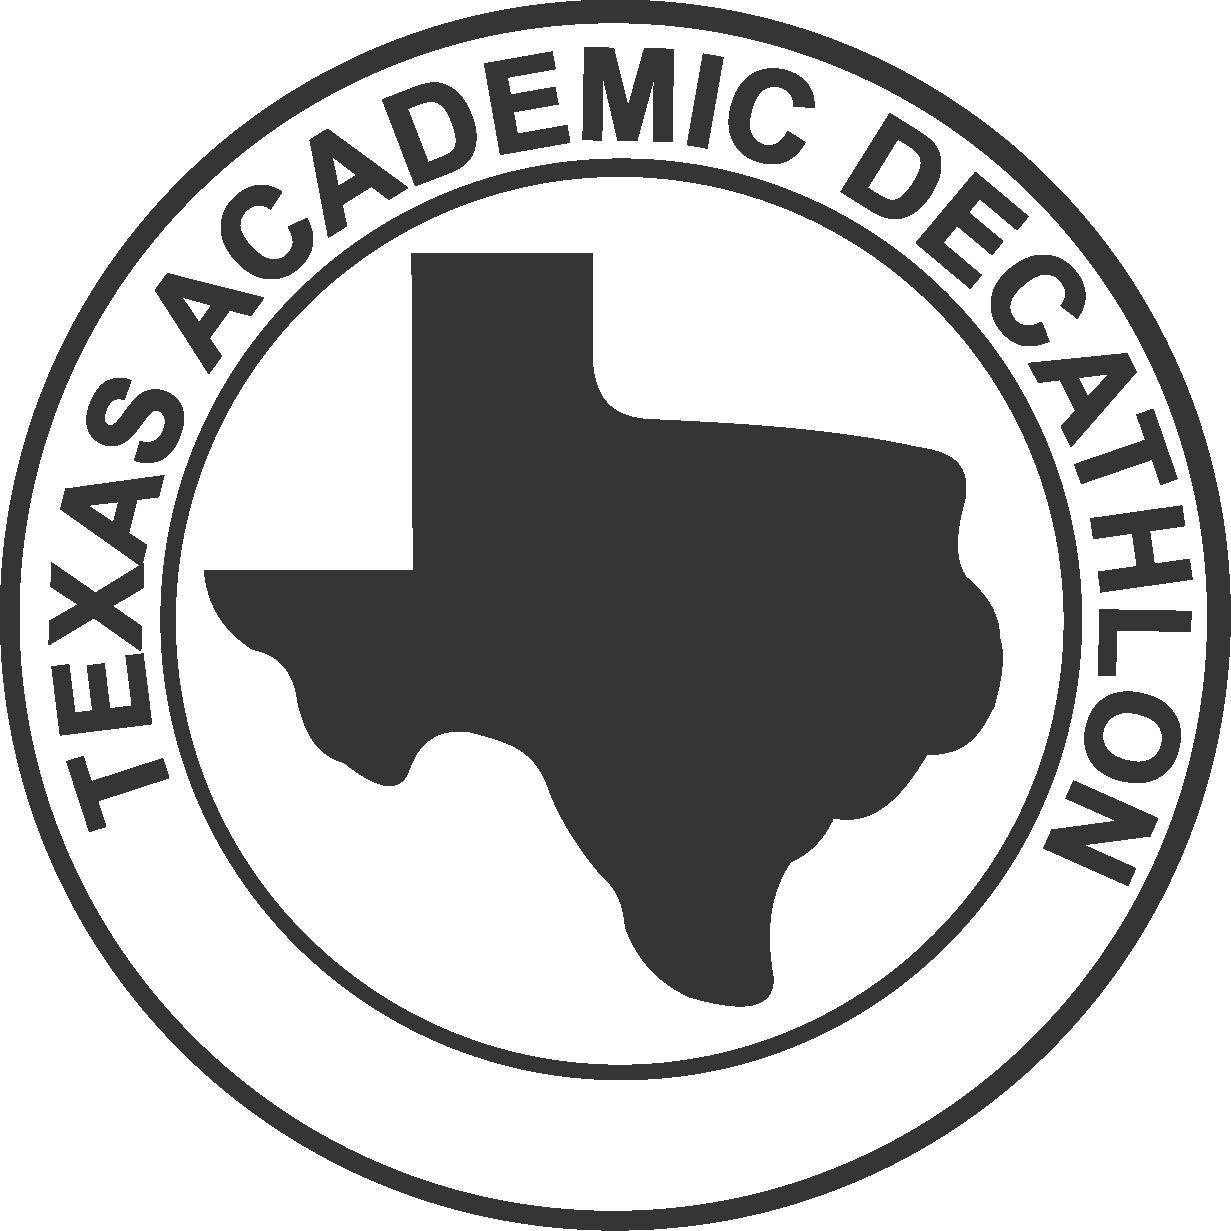 Texas Academic Decathlon